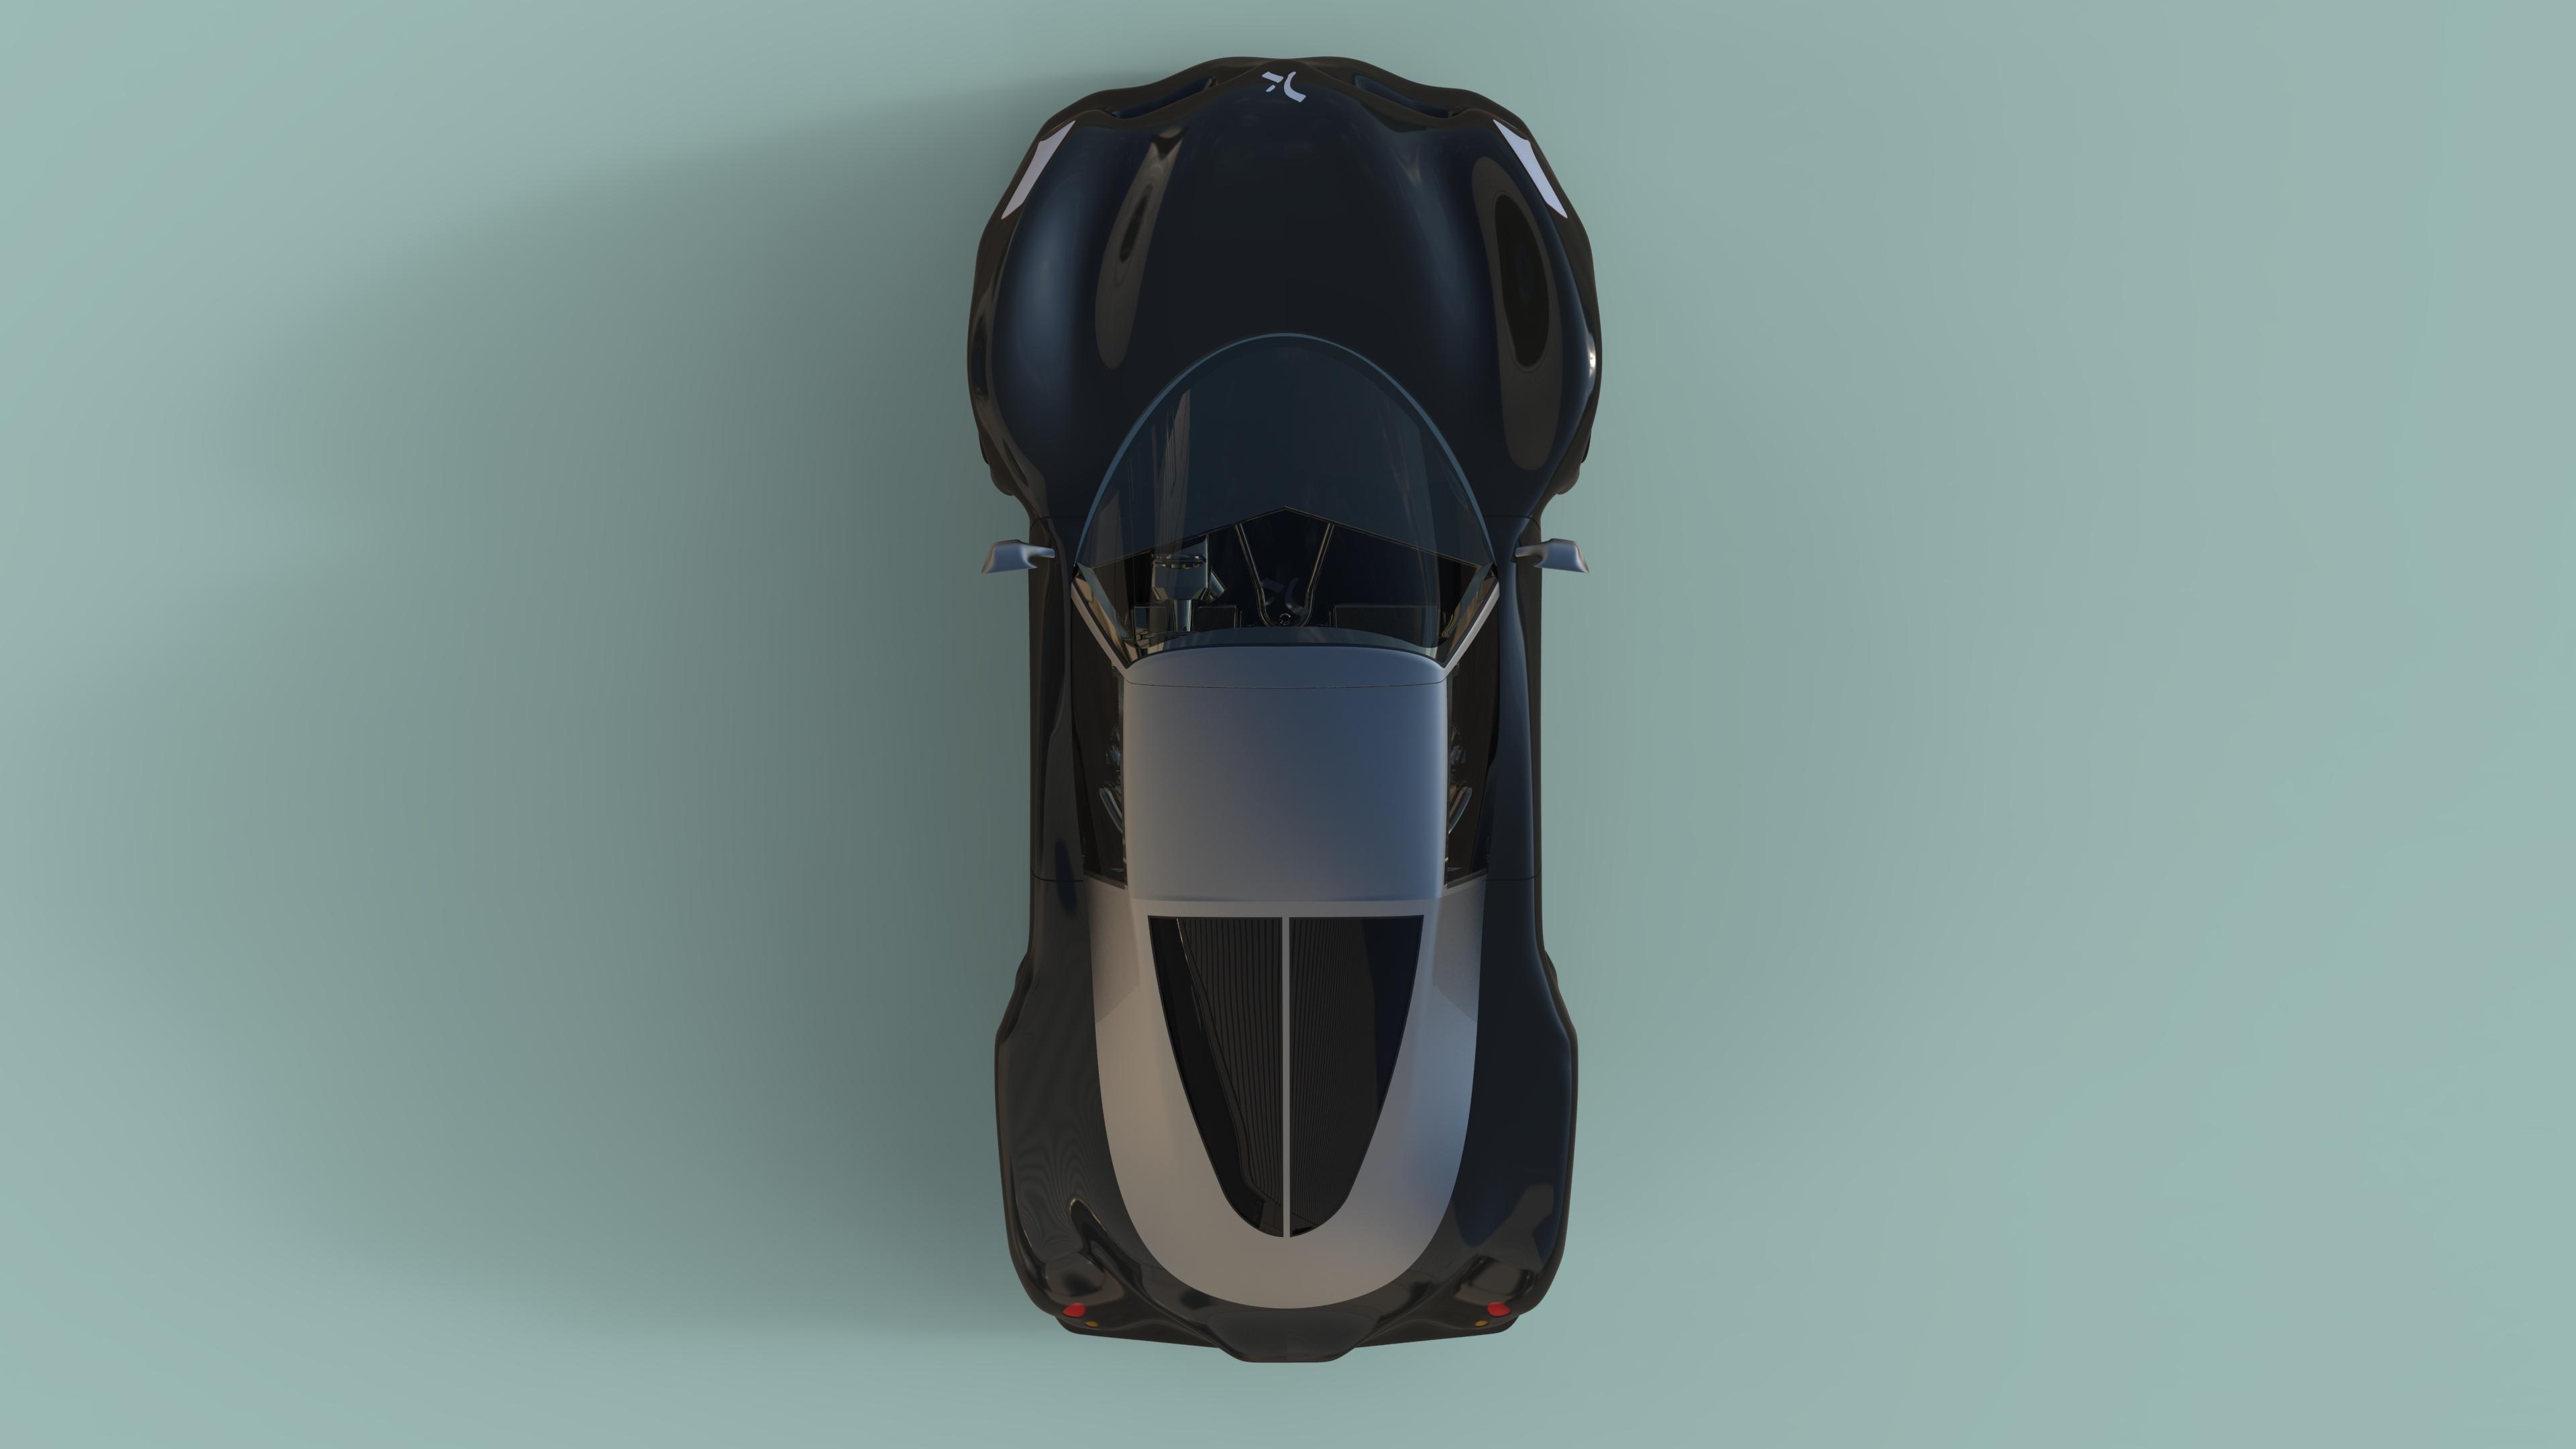 supercar_K4K_3840x2160-h.jpg